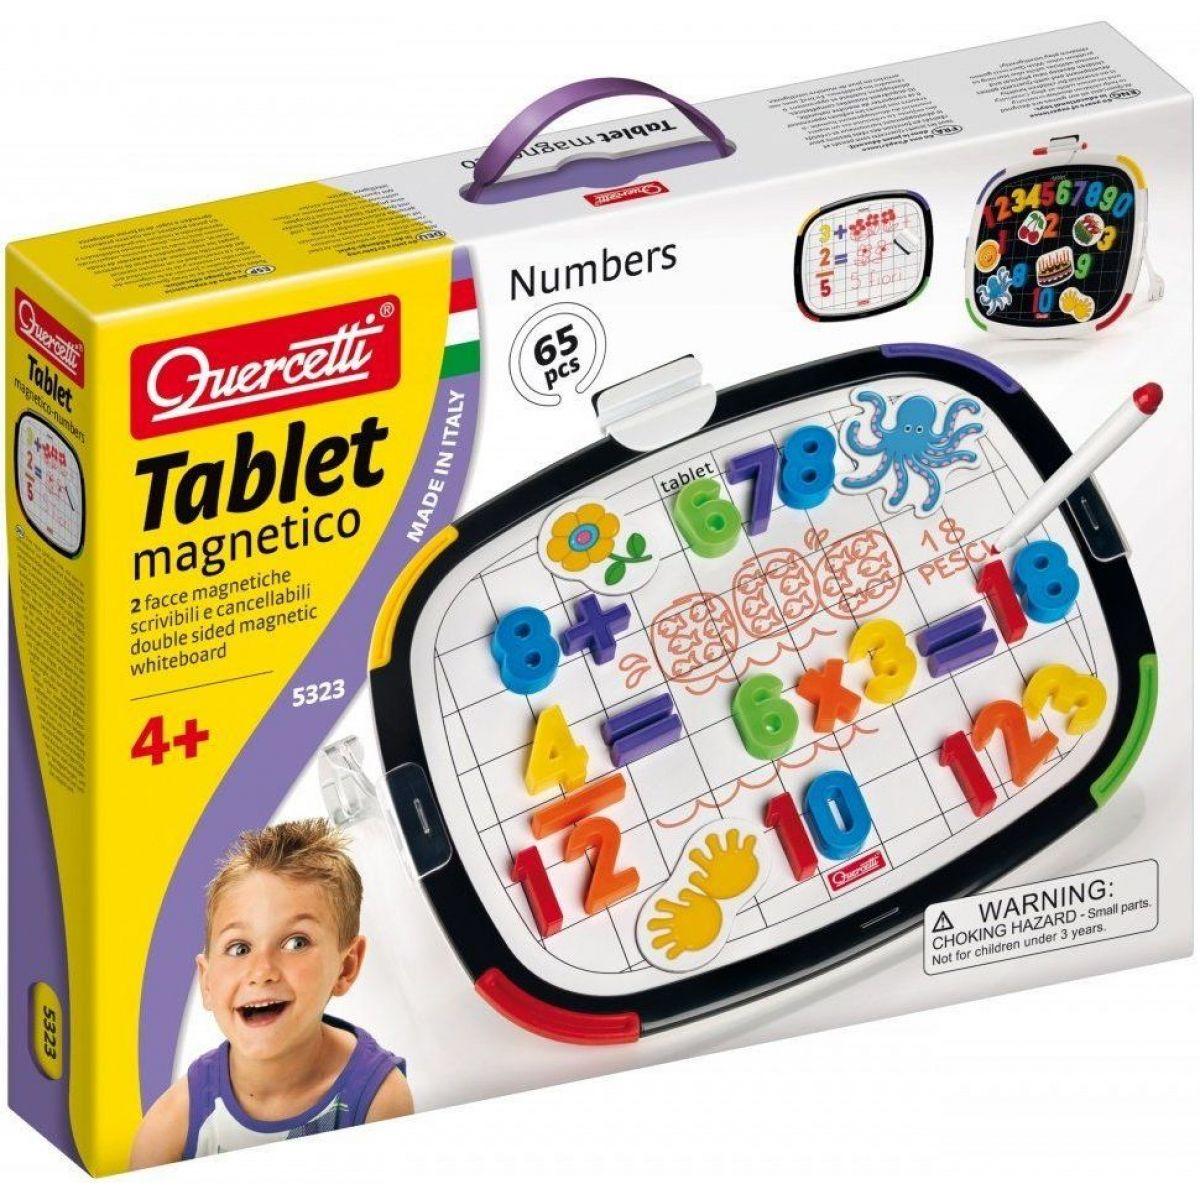 Quercetti Tablet magnetic Numeri